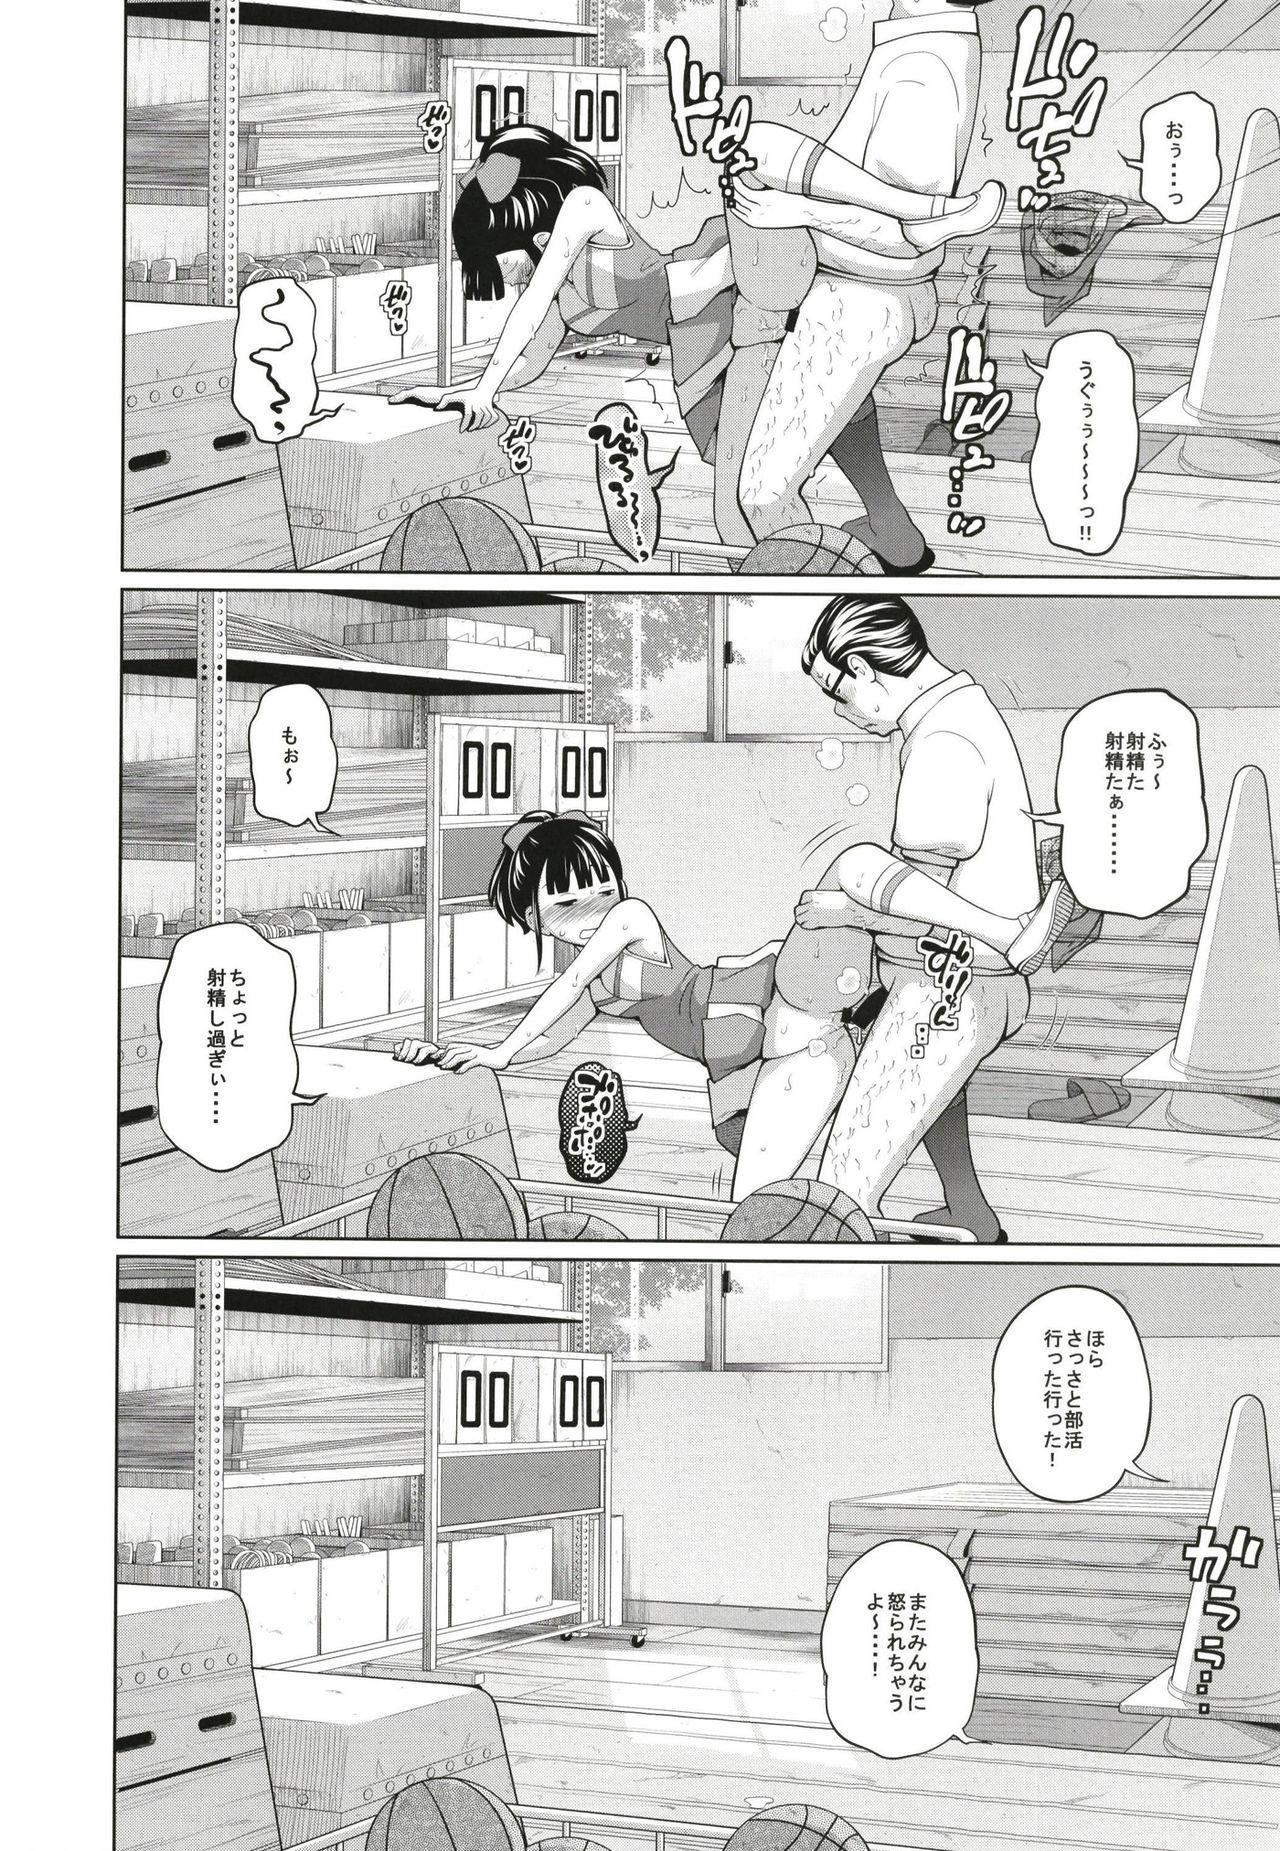 Kono Naka ni Kinshin Soukan Shiteiru Musume ga 3-nin Imasu #3 9